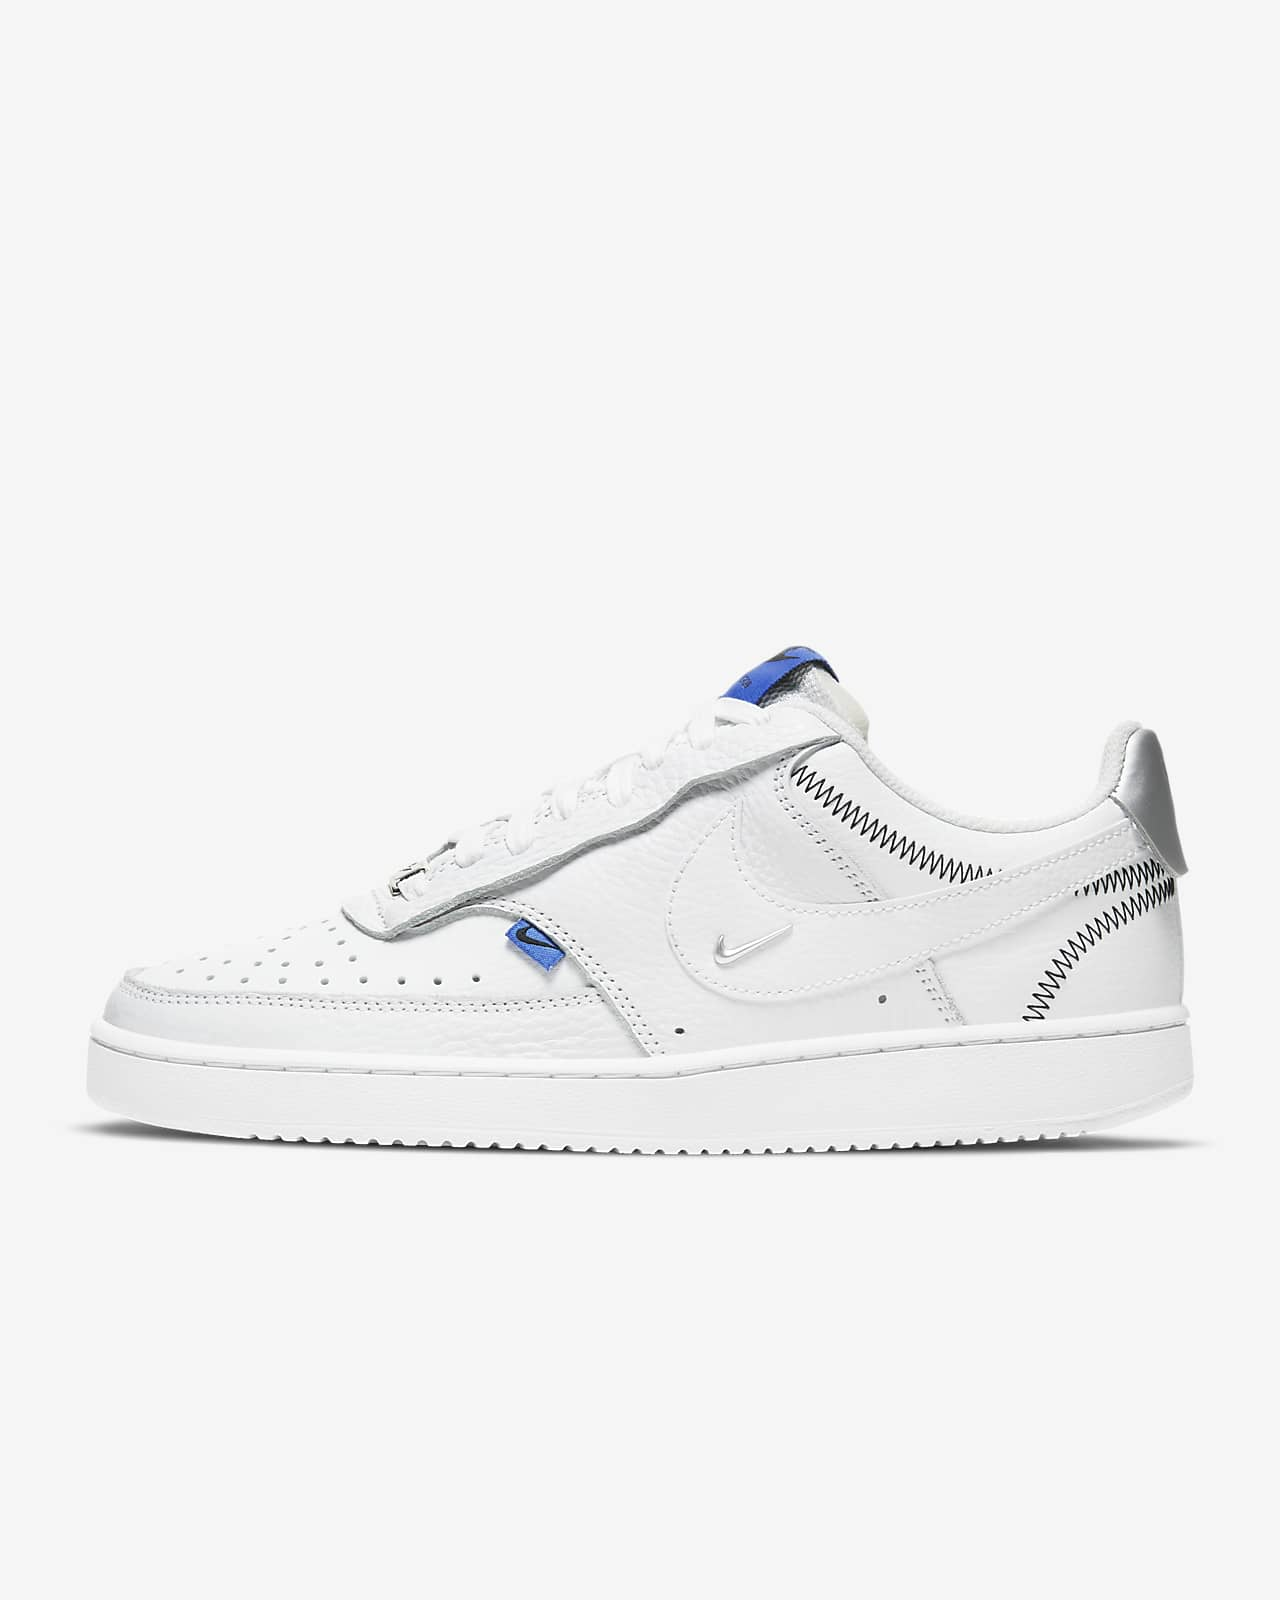 รองเท้าผู้หญิง Nike Court Vision Low SE